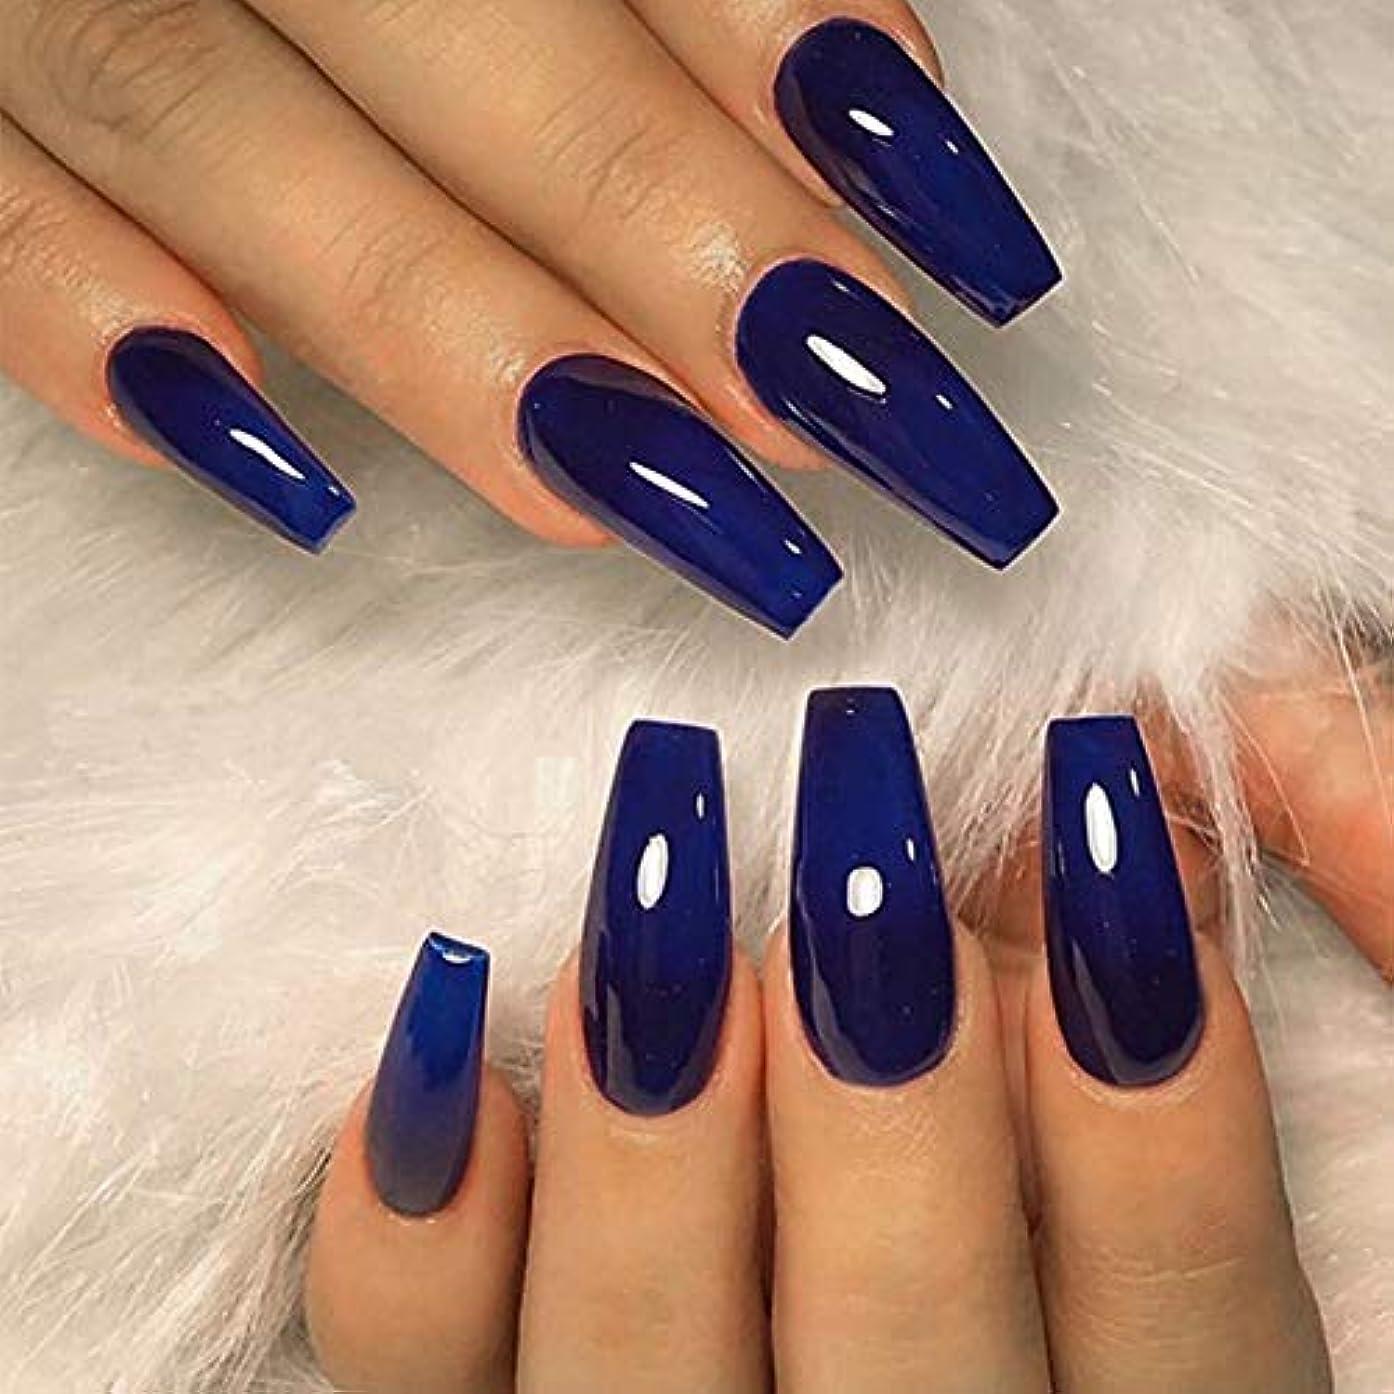 ソーシャル忠実に冷凍庫XUTXZKA ウェアラブルロングスクエアヘッドフェイクネイルのヒント女性マニキュア装飾ブルー人工爪パッチ24ピース/セット